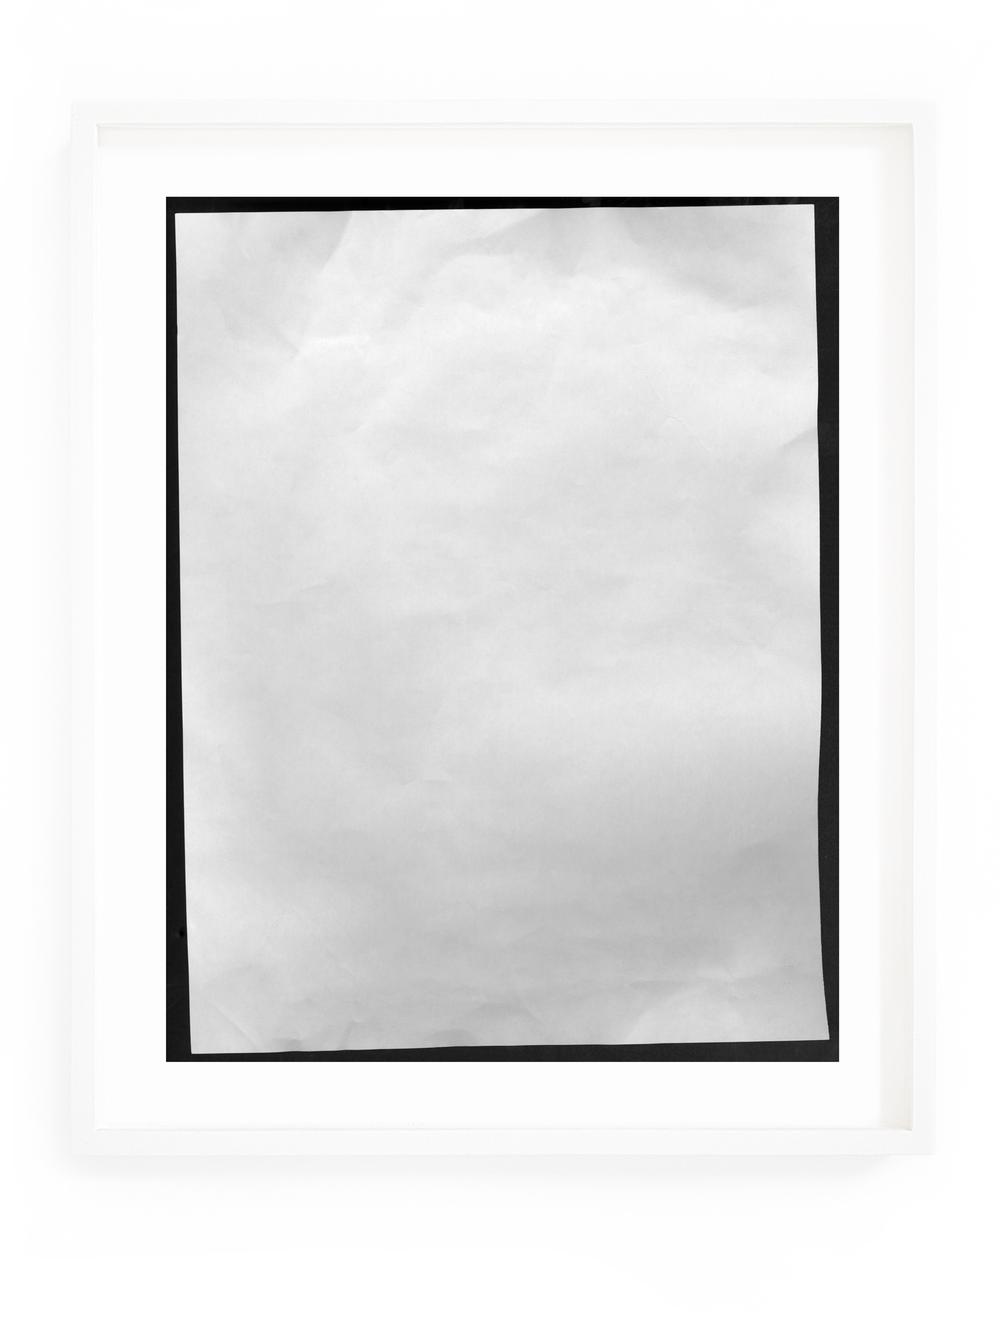 18v2_17x13x300_framed.jpg